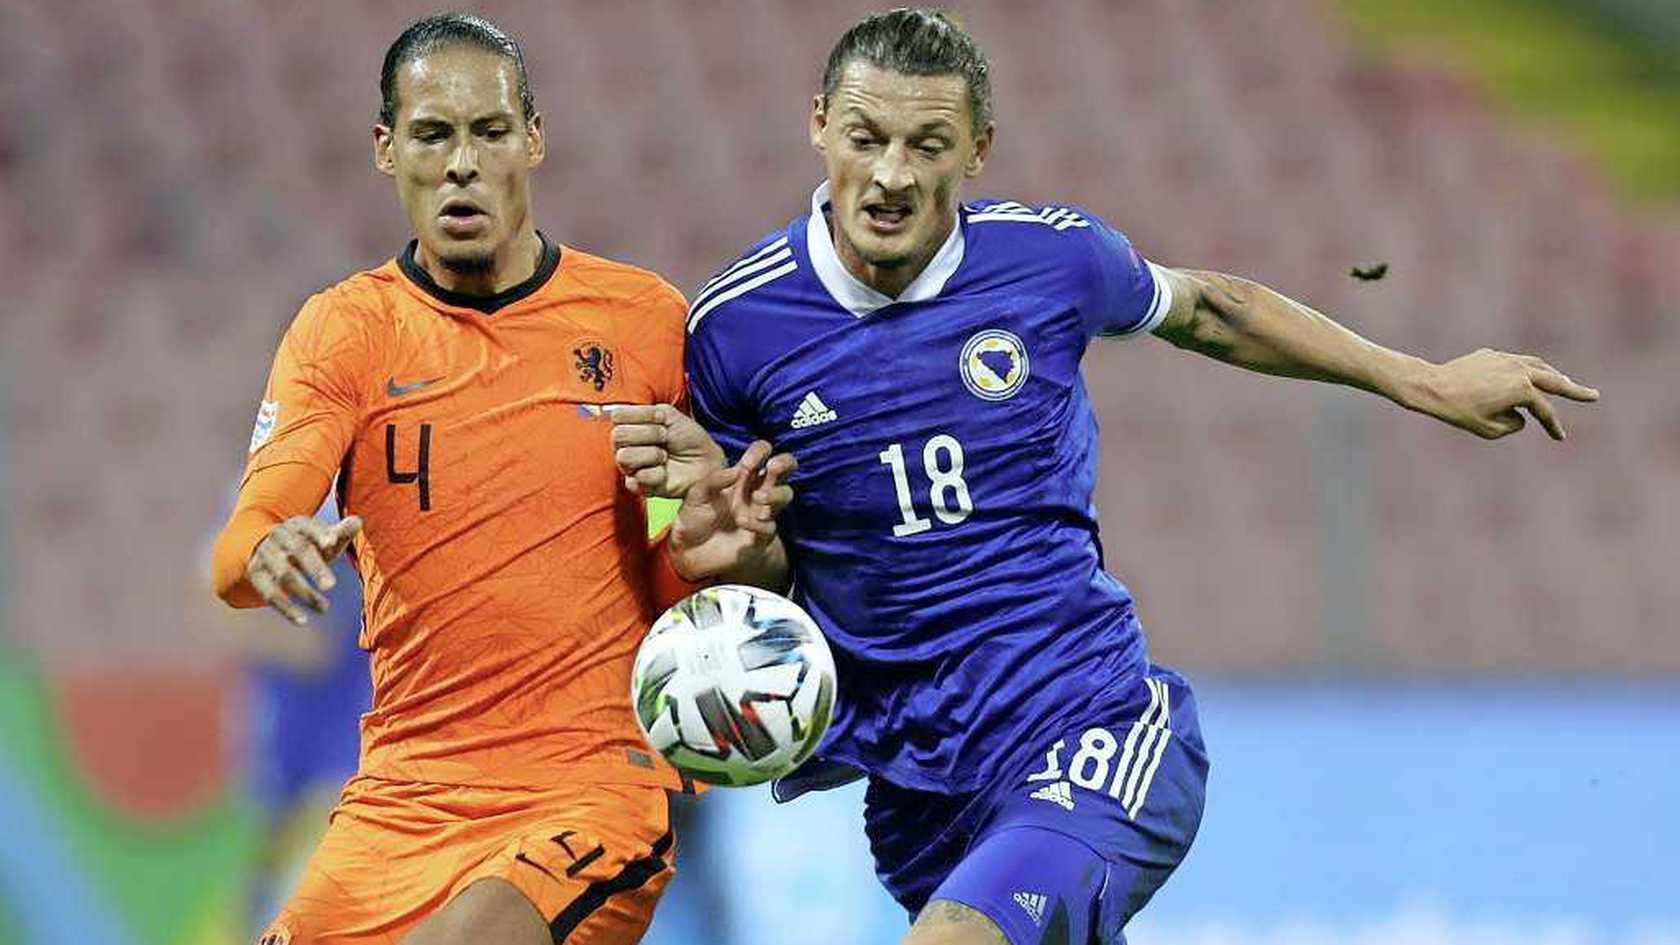 范戴克:荷兰并没什么好机会,我们真得加油了